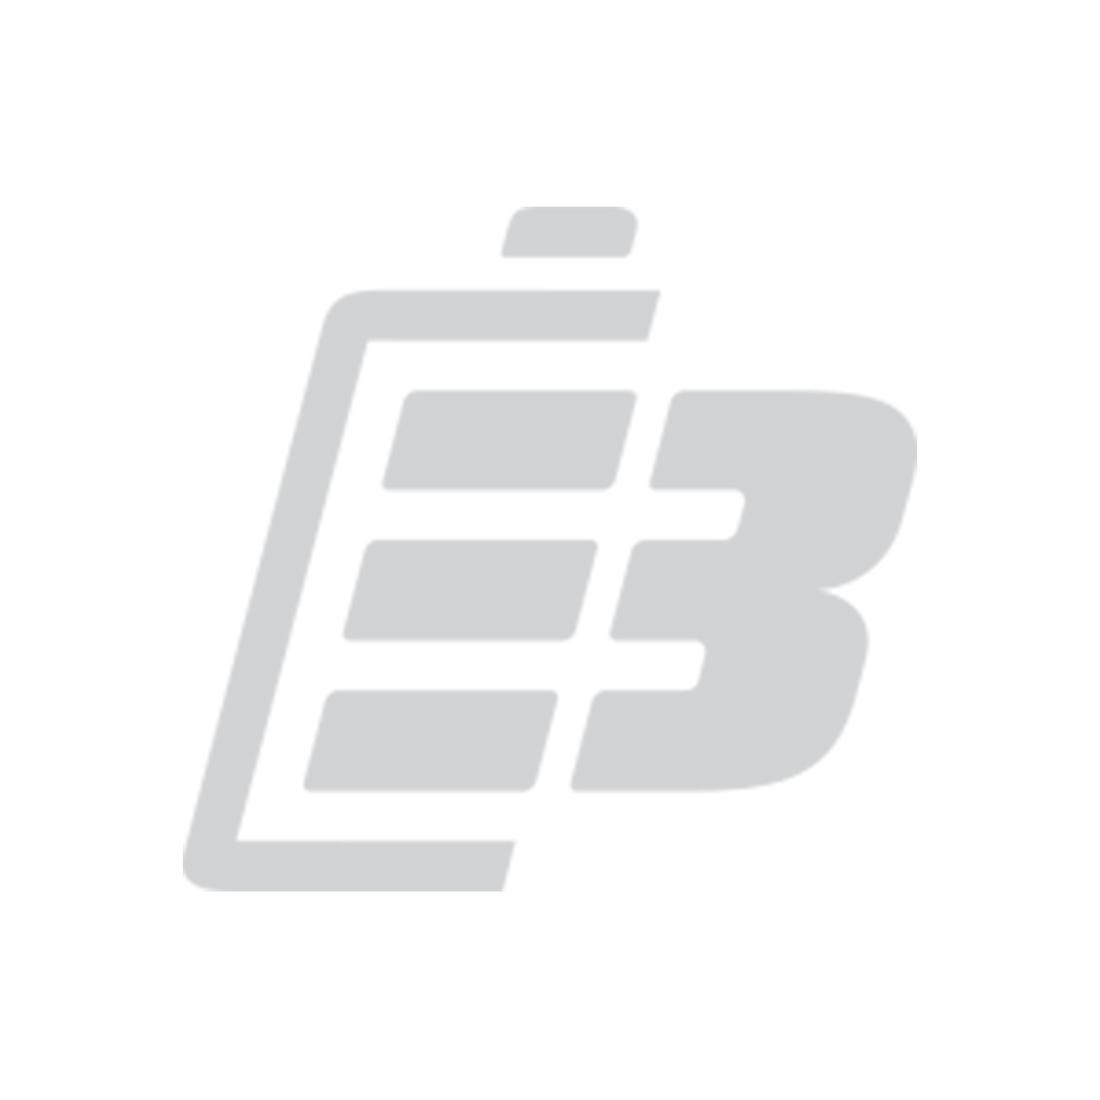 Μπαταρία ασύρματου τηλεφώνου Tiptel Easy DECT 5500_1